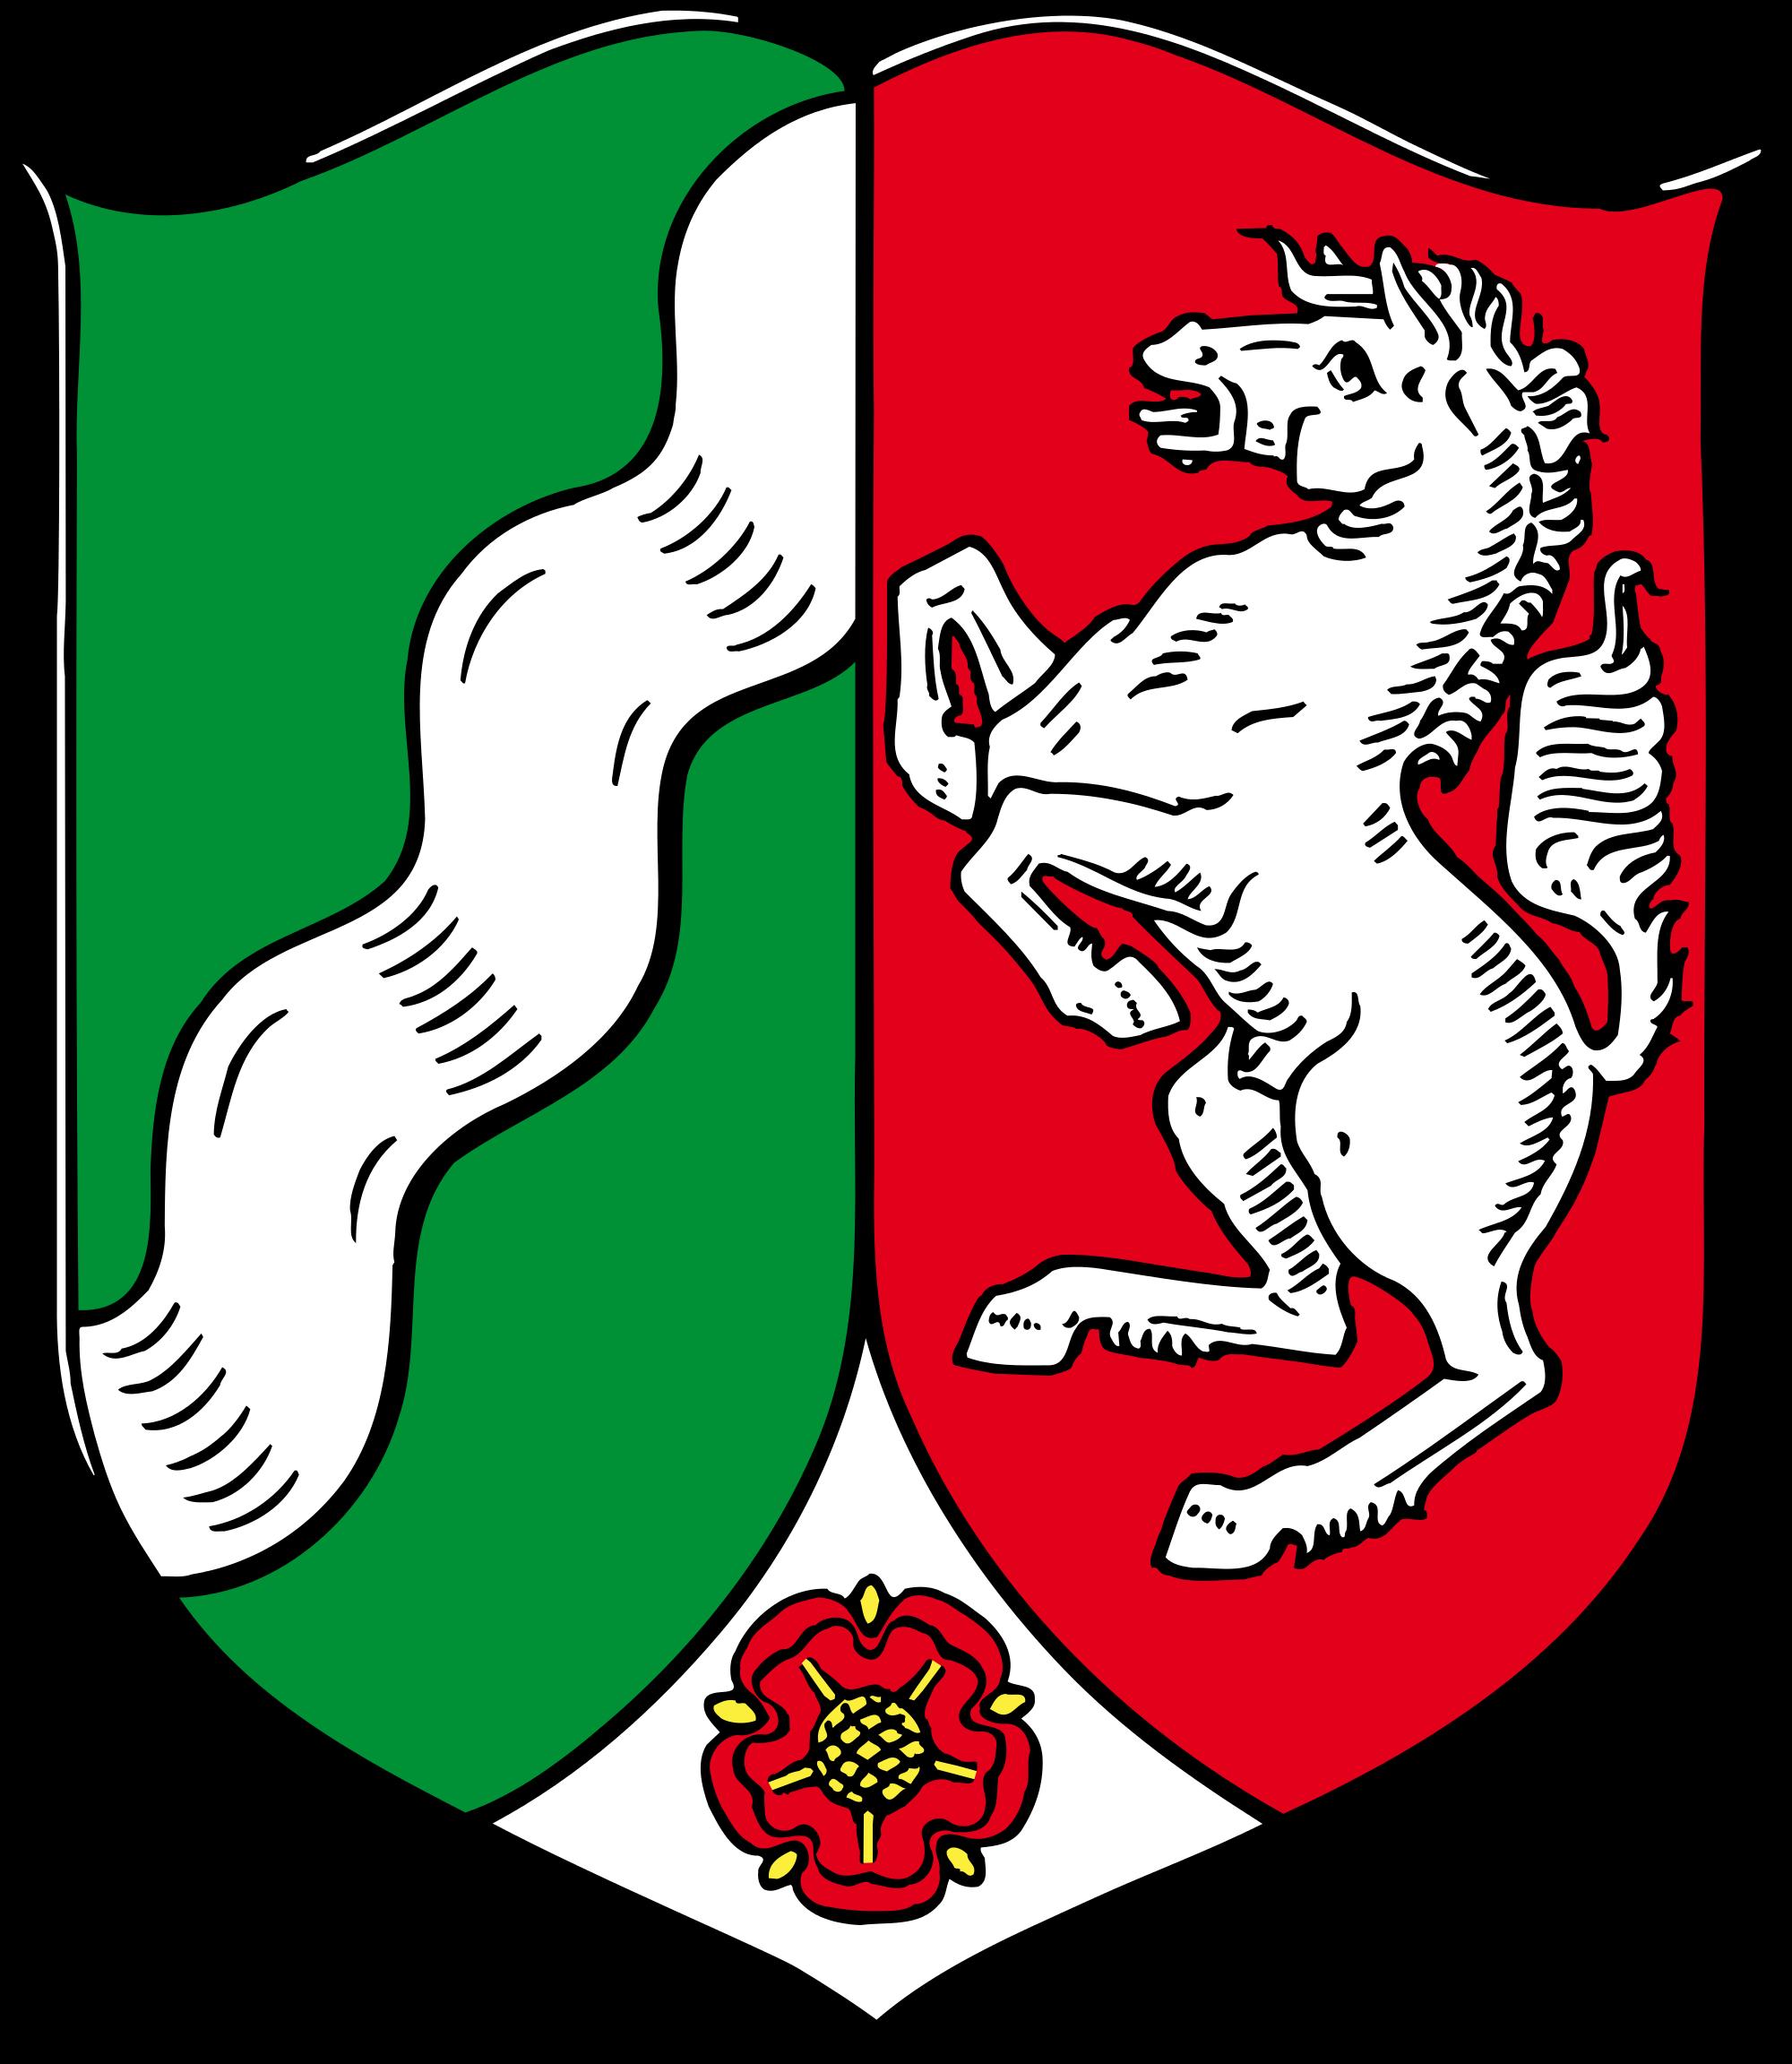 Wappen_NRW